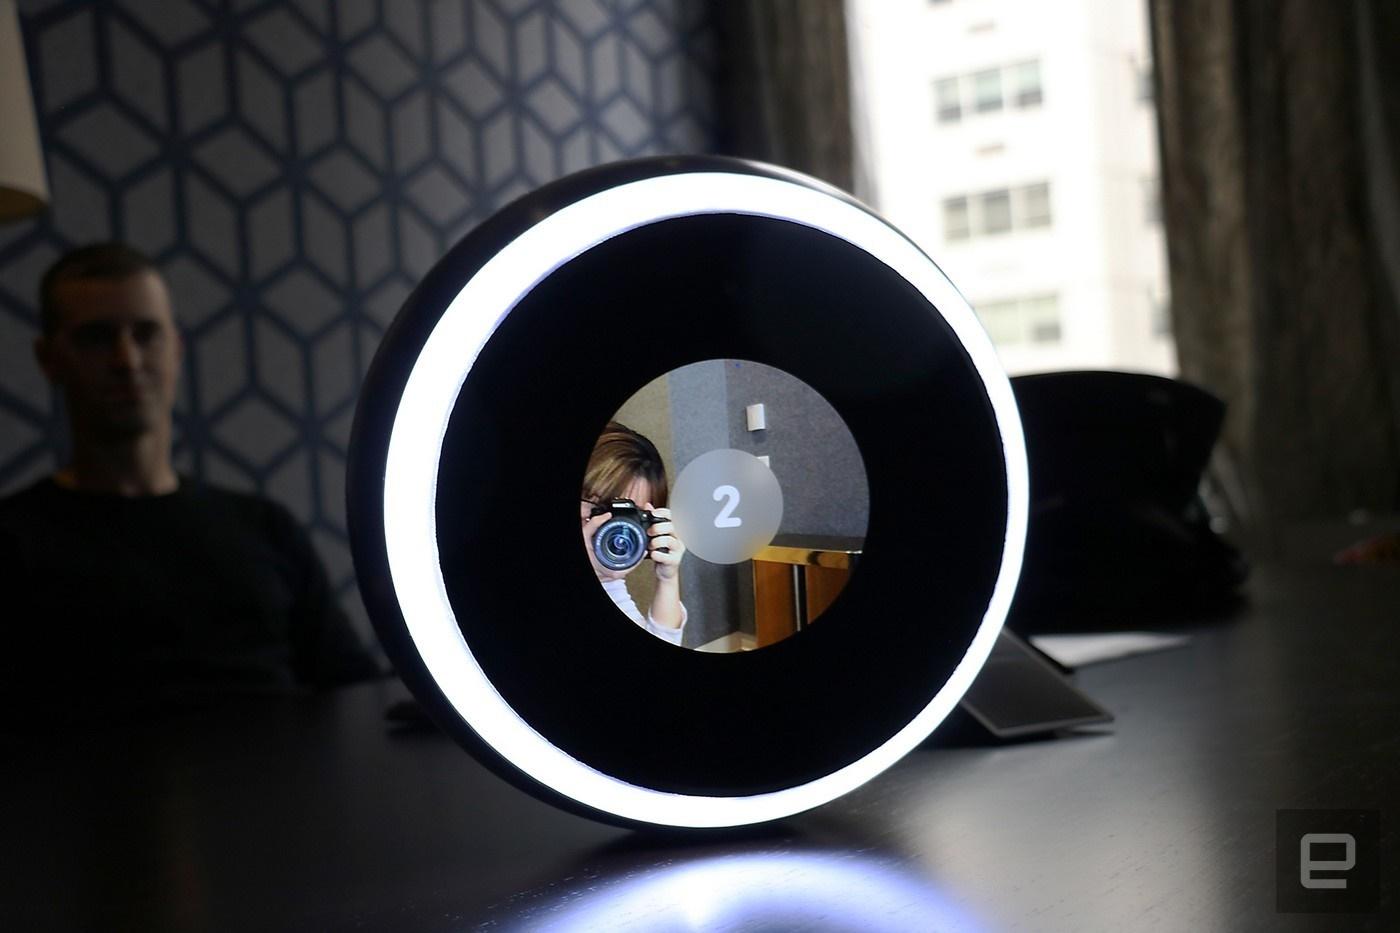 اولین دوربین سلفی توپی جهان / عکس